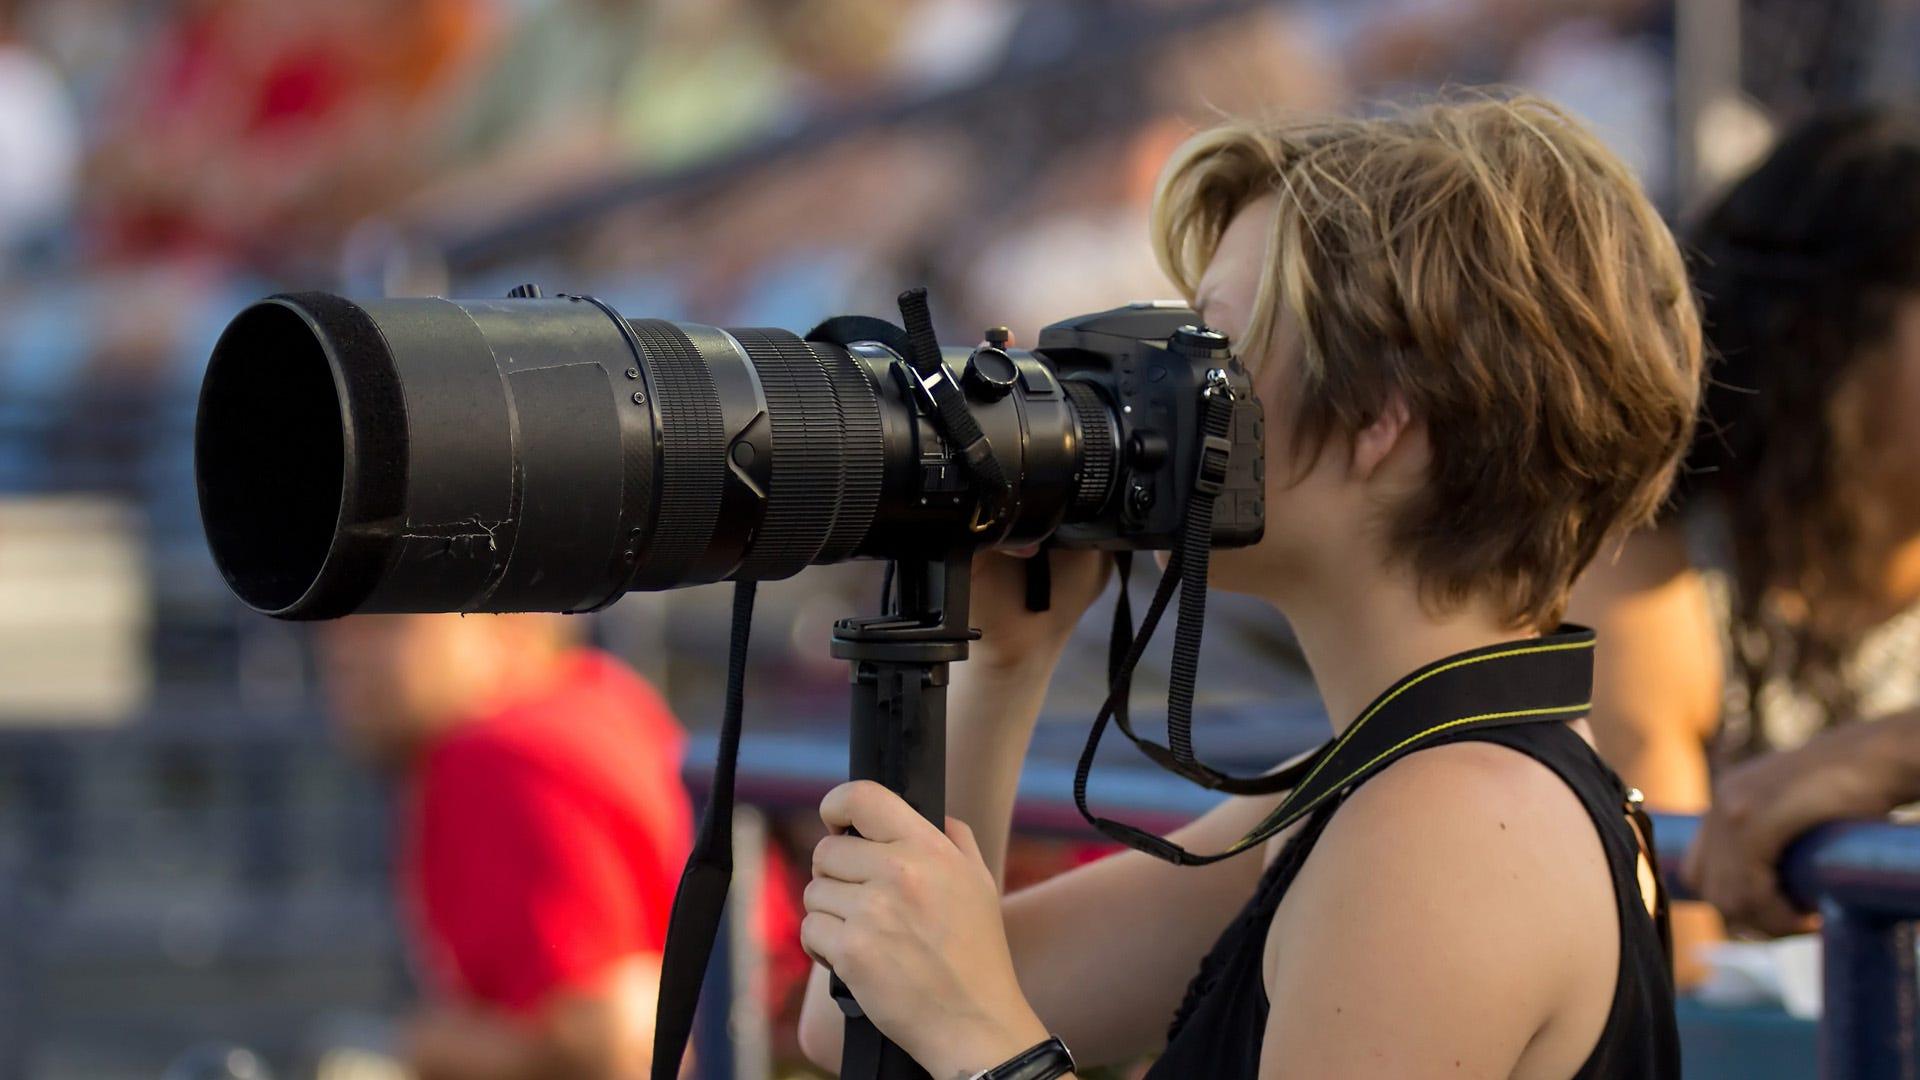 вакансии спортивного фотографа правило запрещено